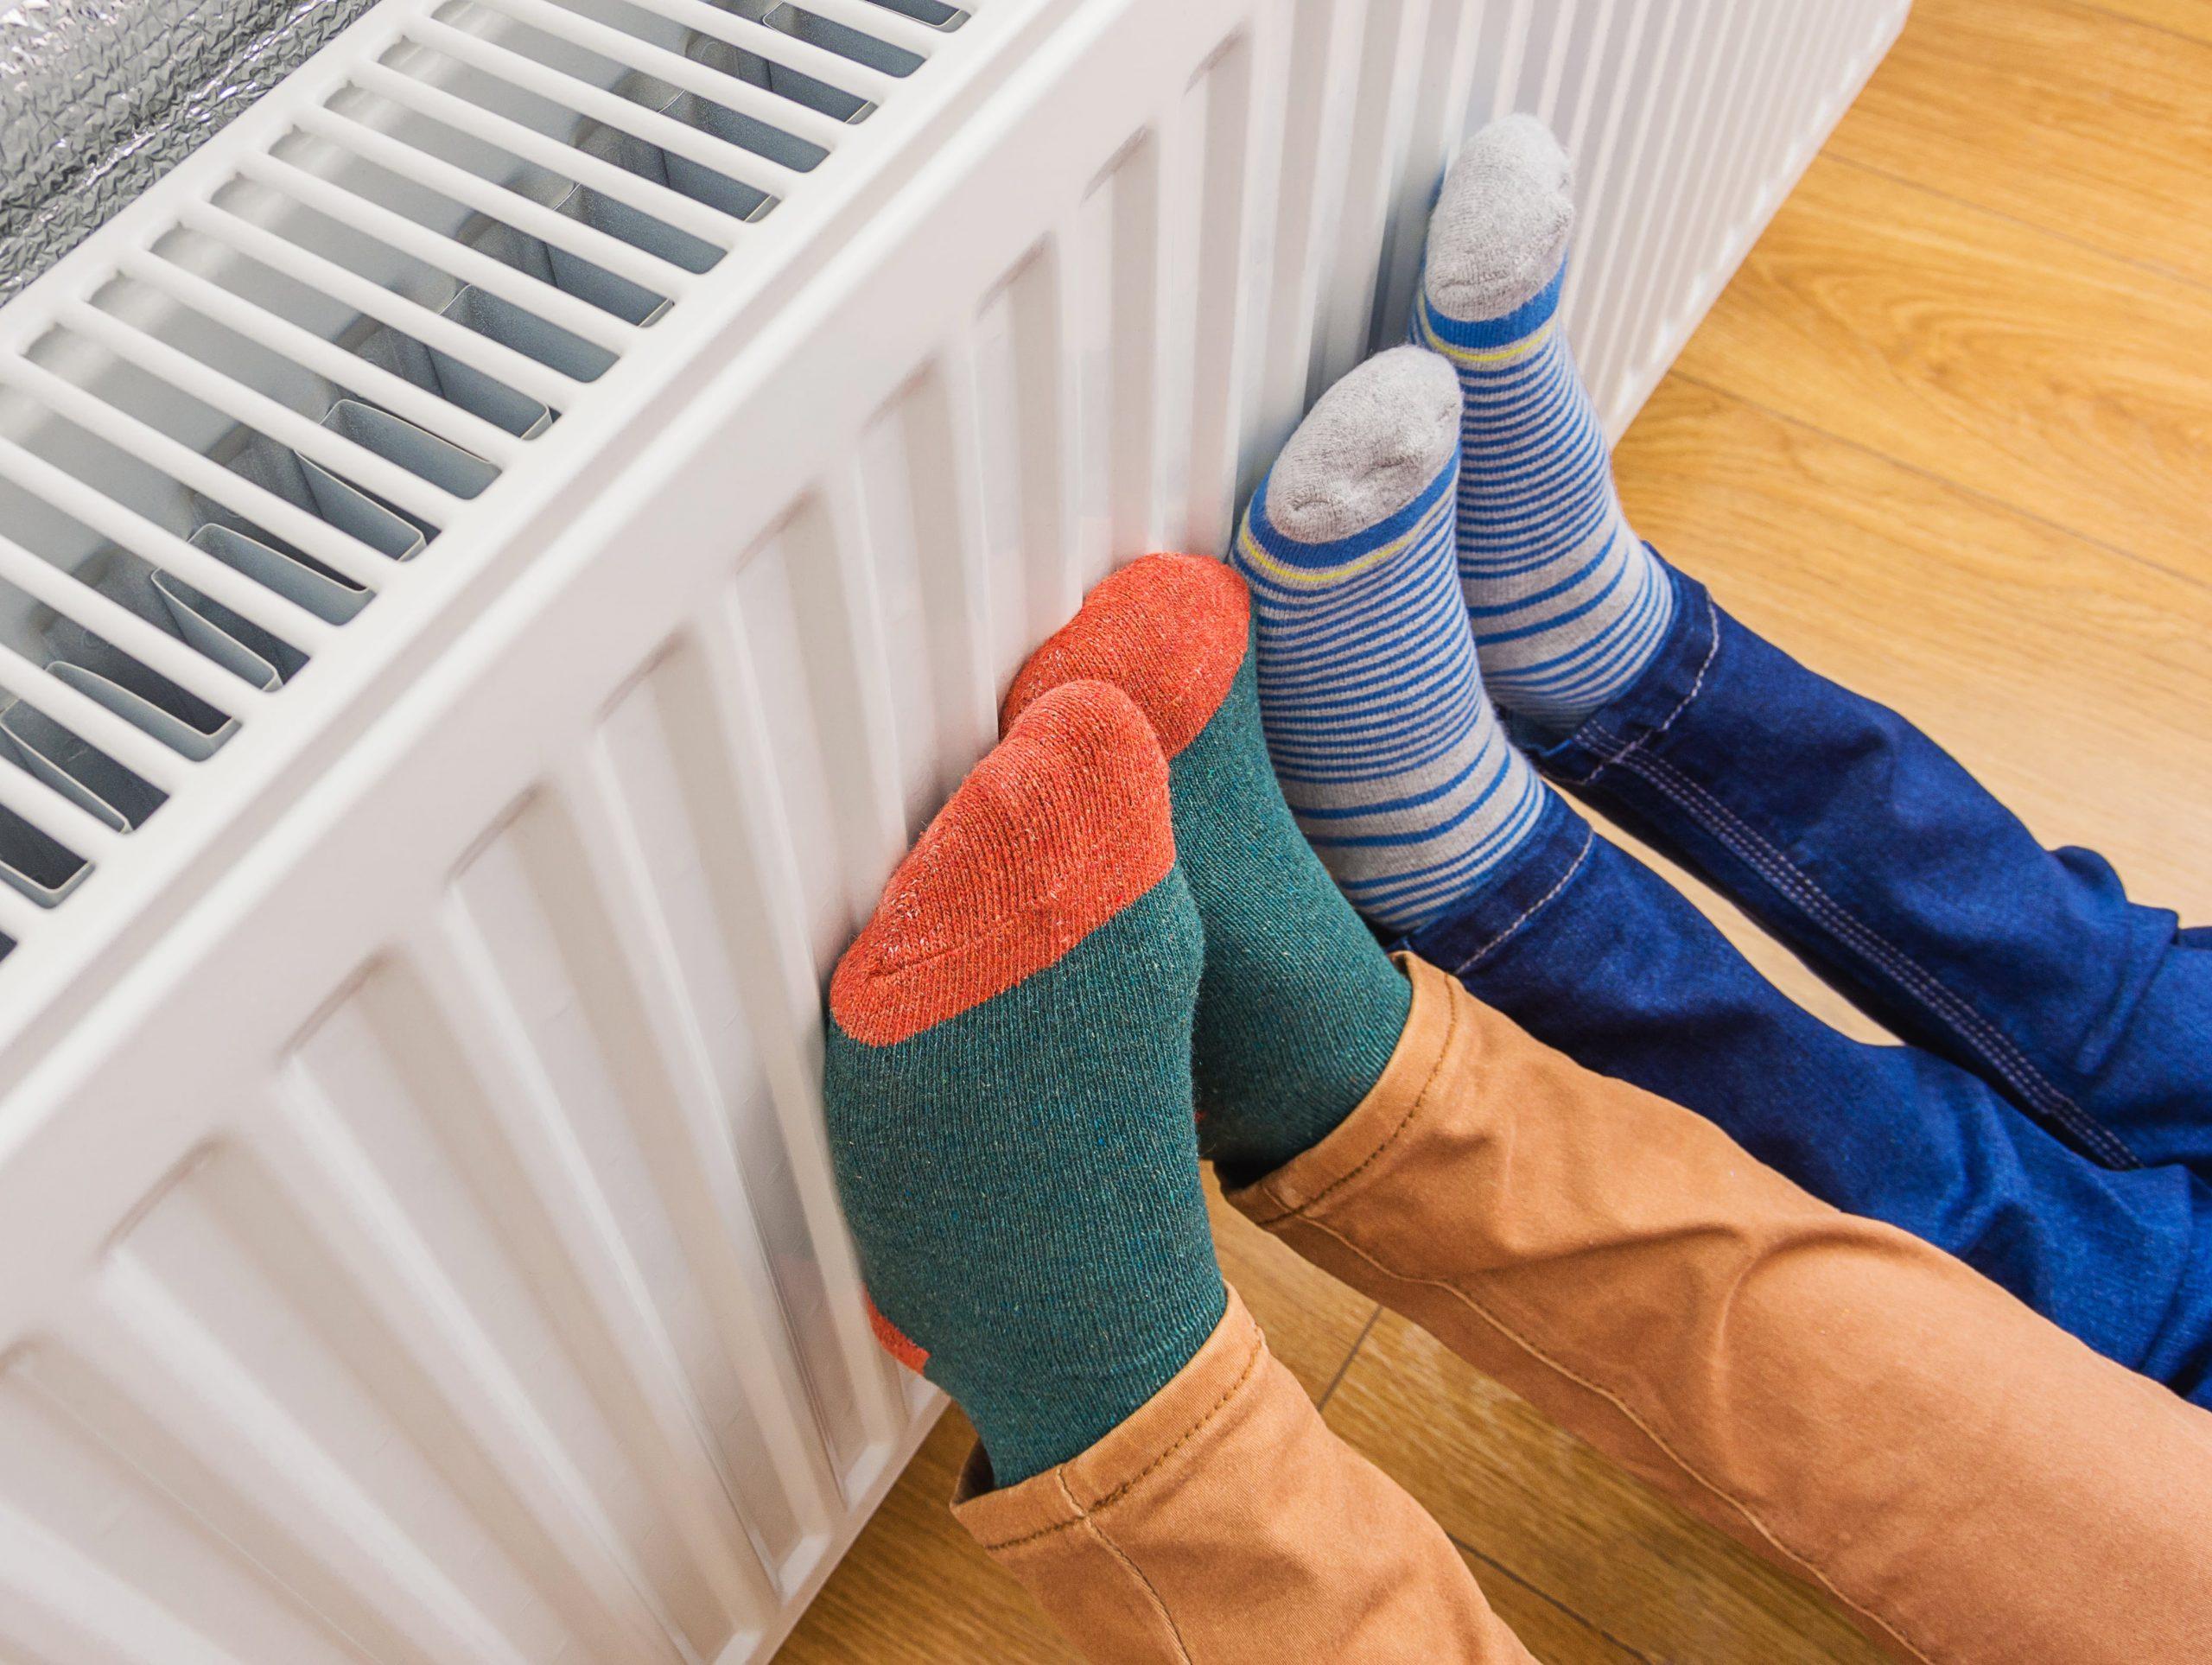 boiler repair st louis mo